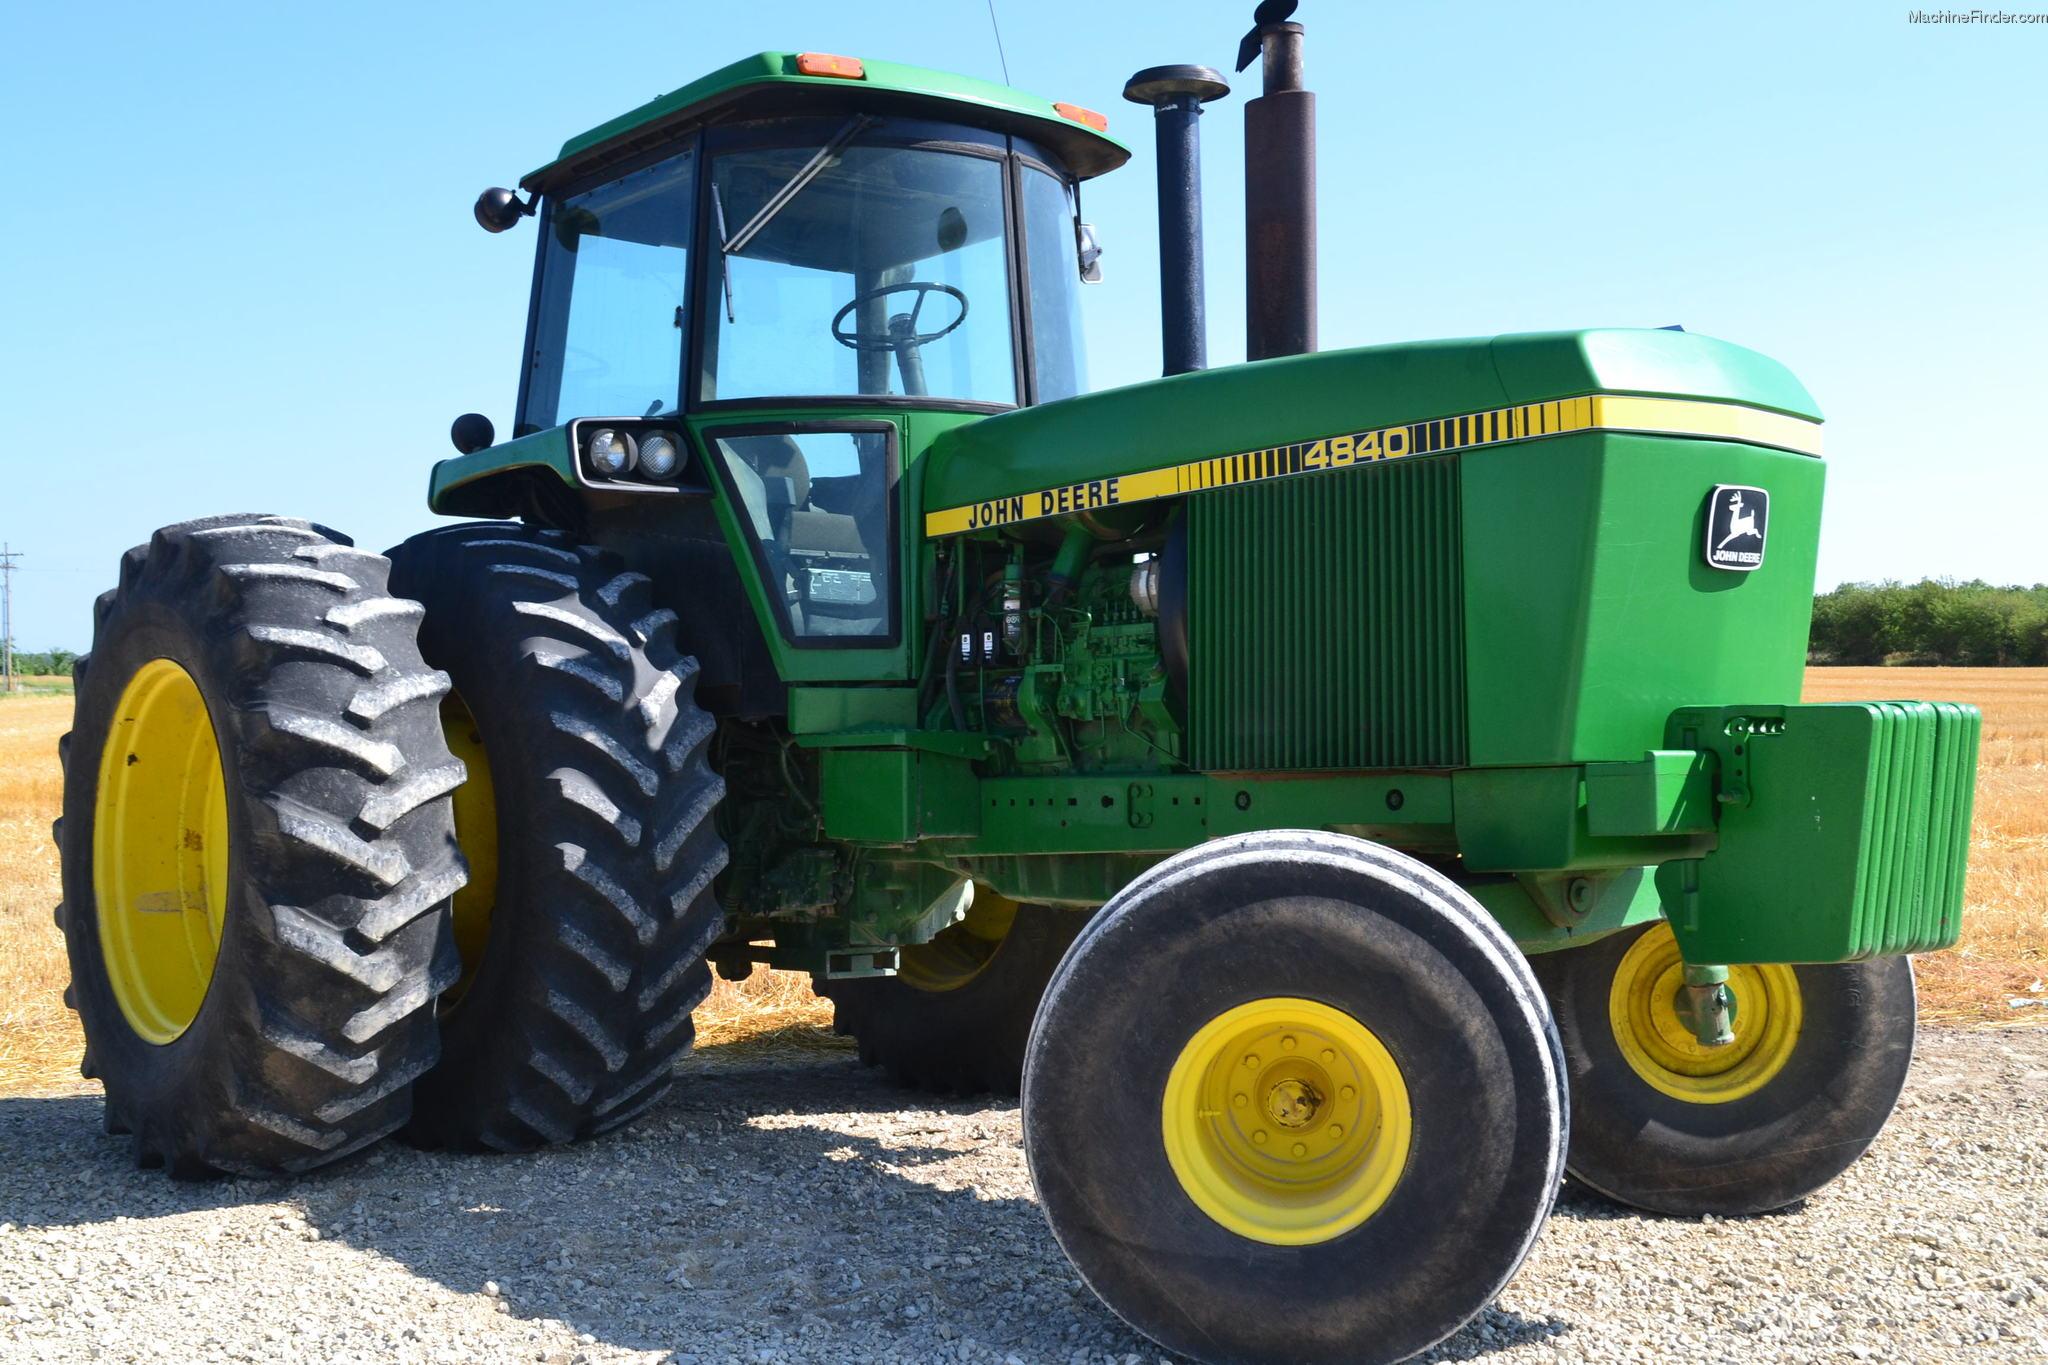 1982 John Deere 4840 Tractors - Row Crop (+100hp) - John ...